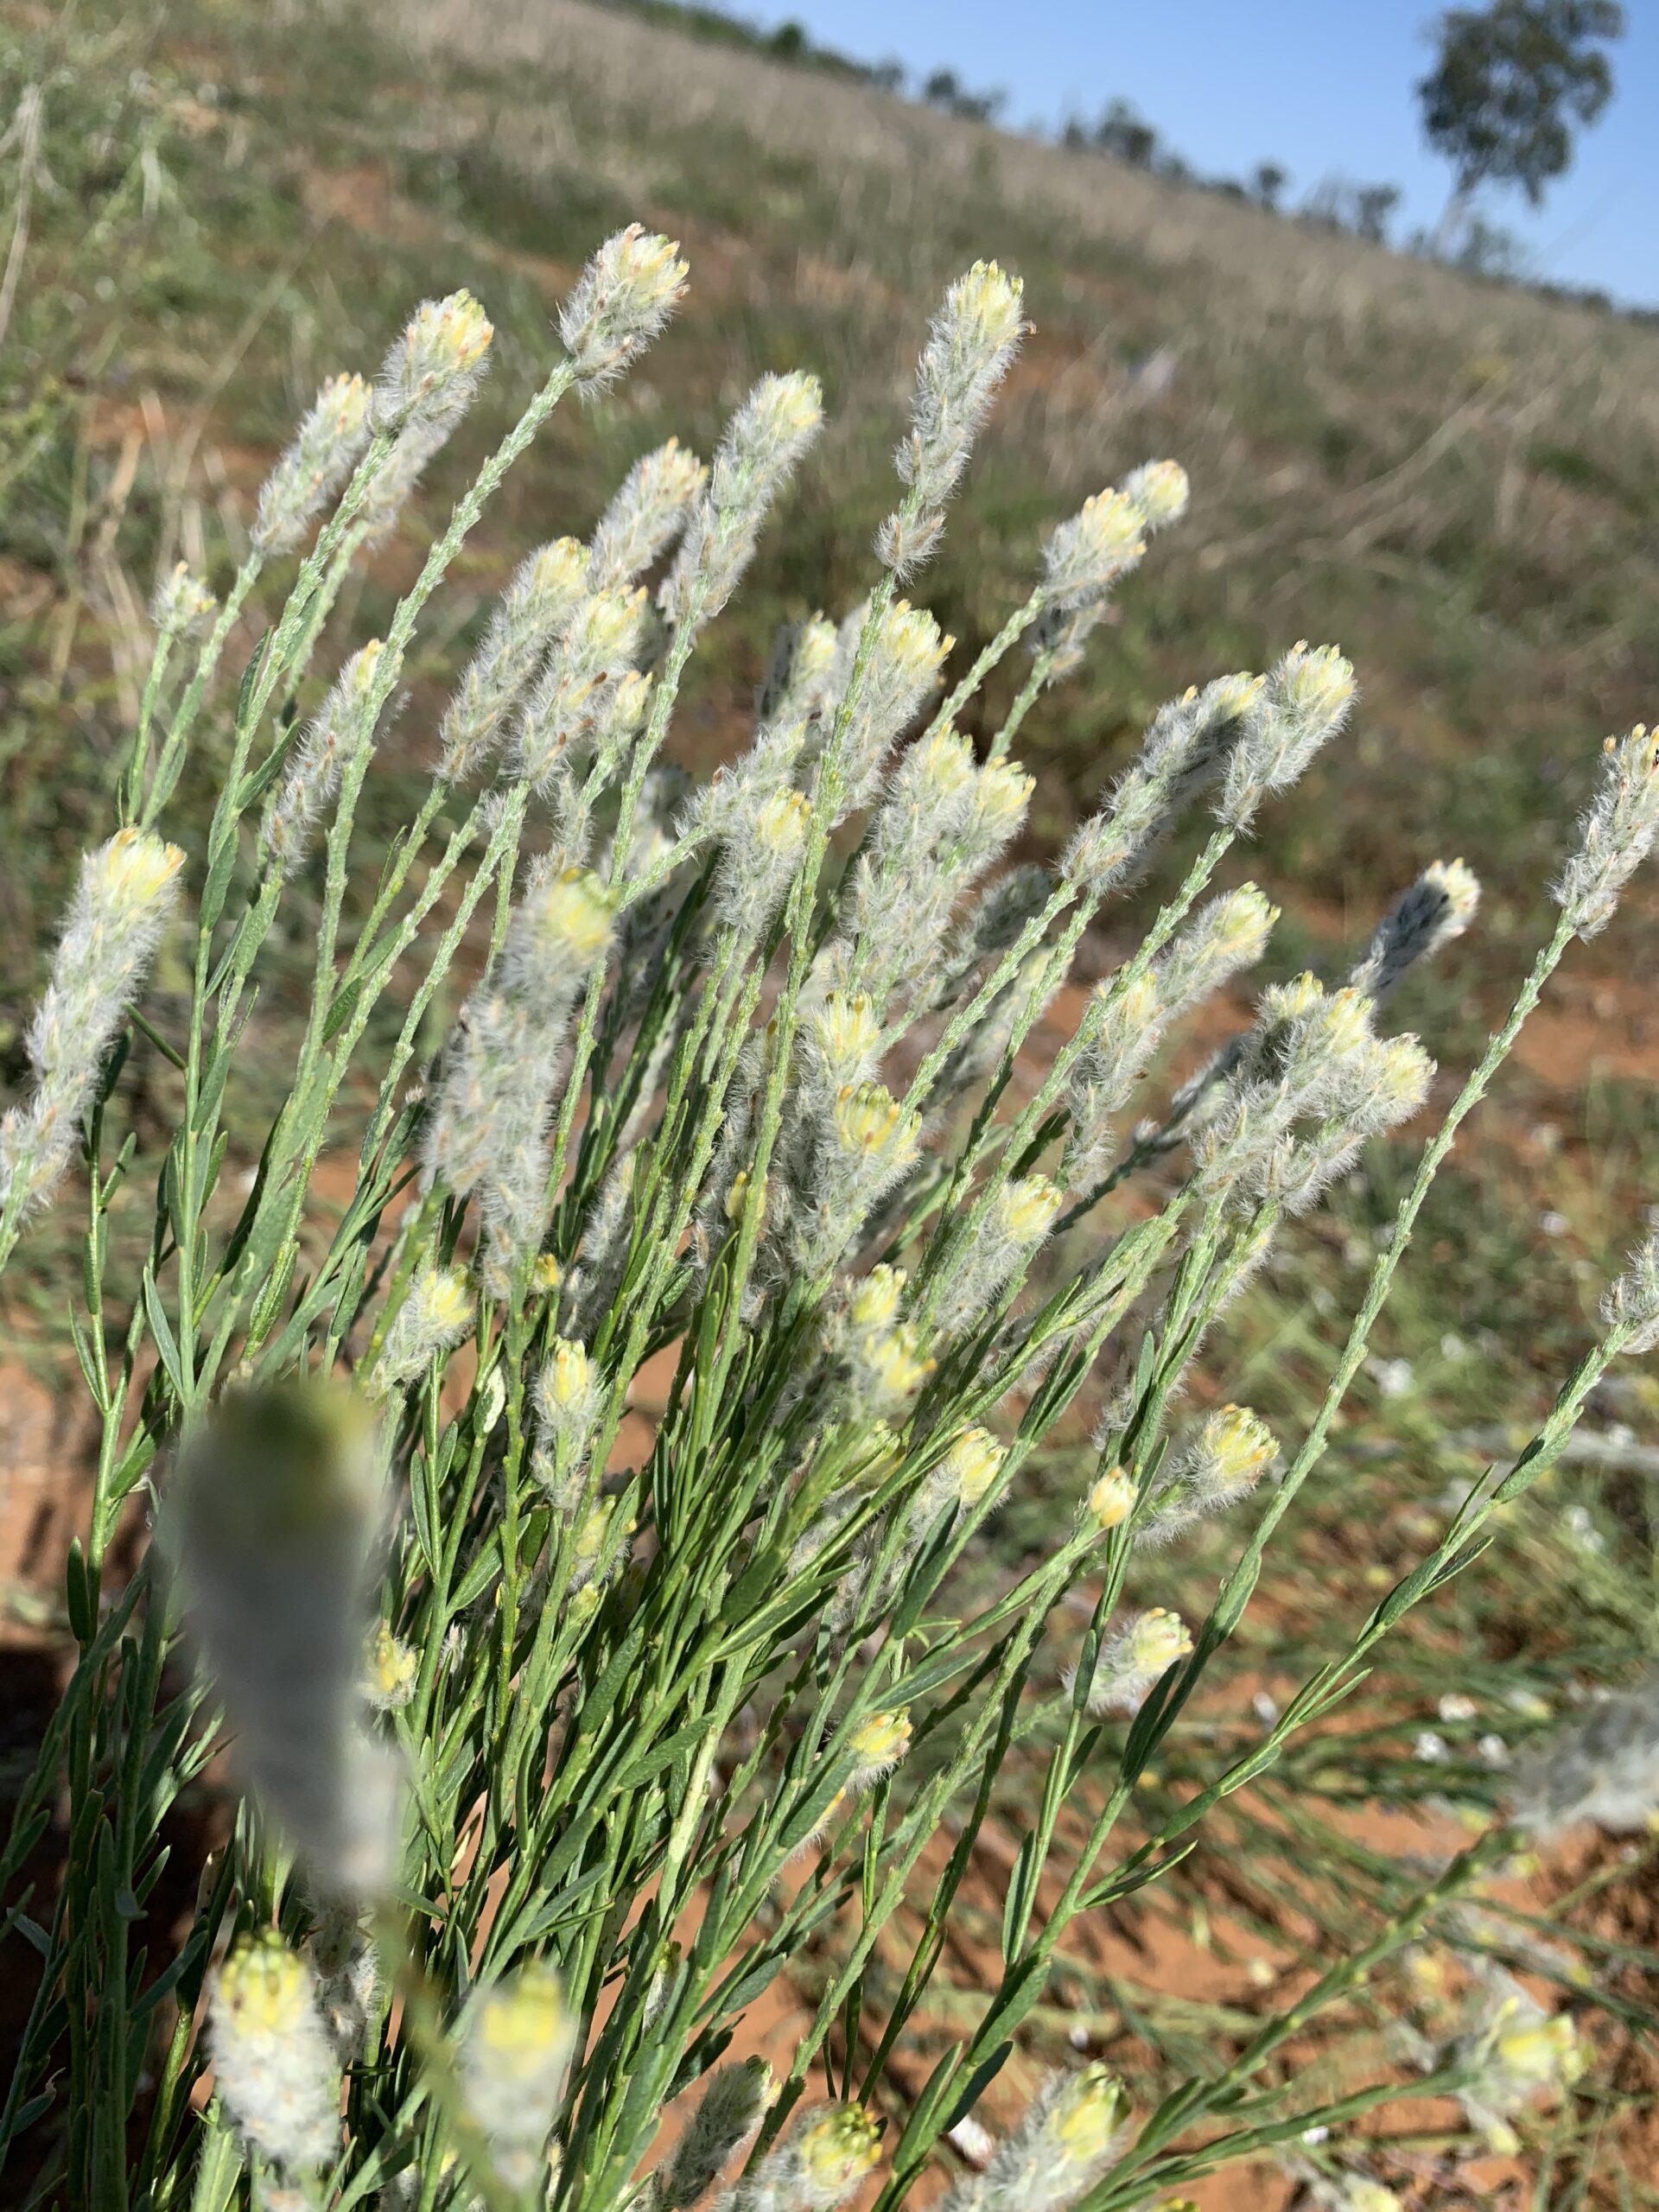 Pimelea flowers